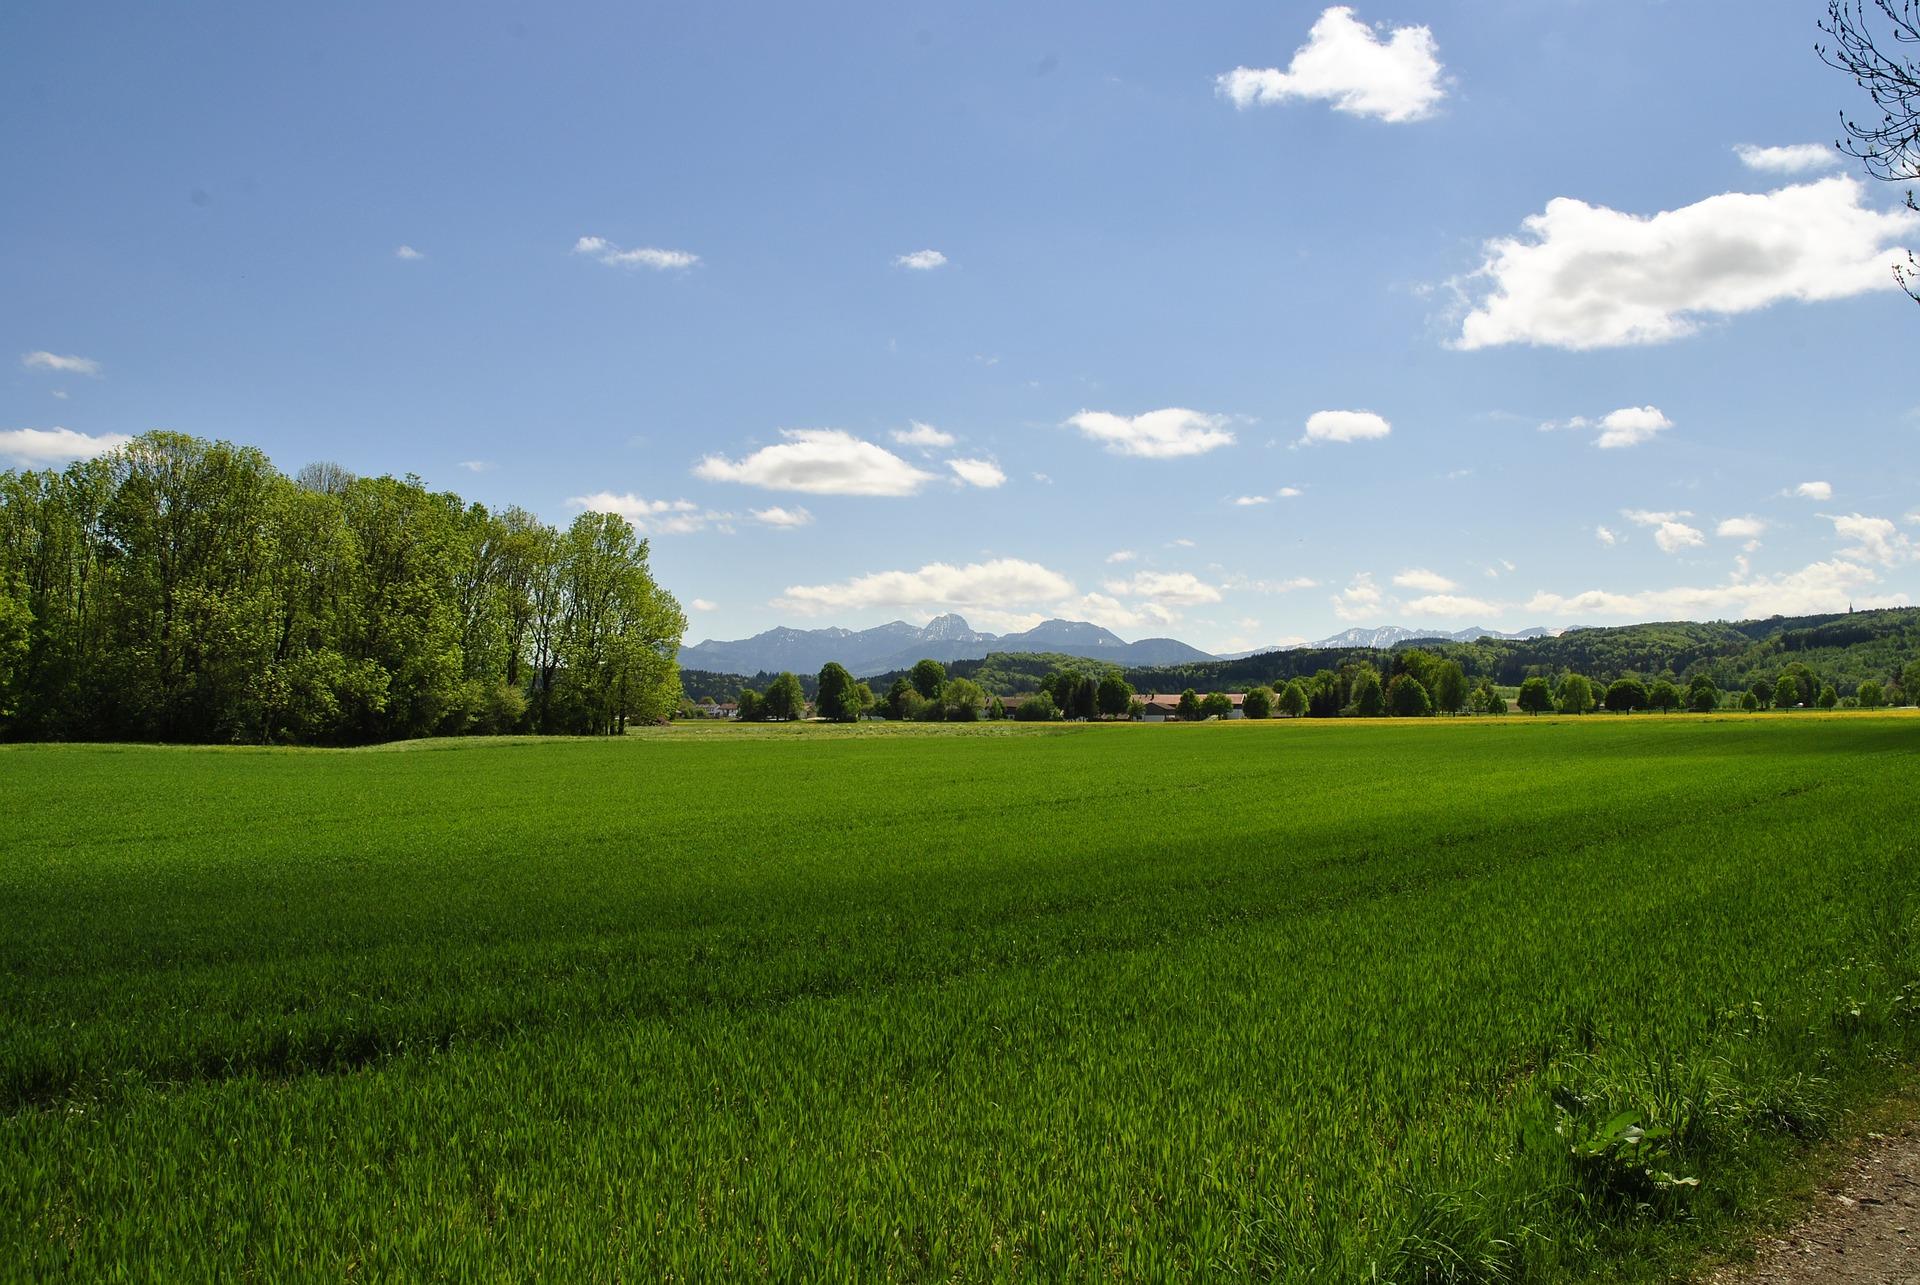 За перший місяць ринку землі середня ціна за український гектар складає 40 тис. грн